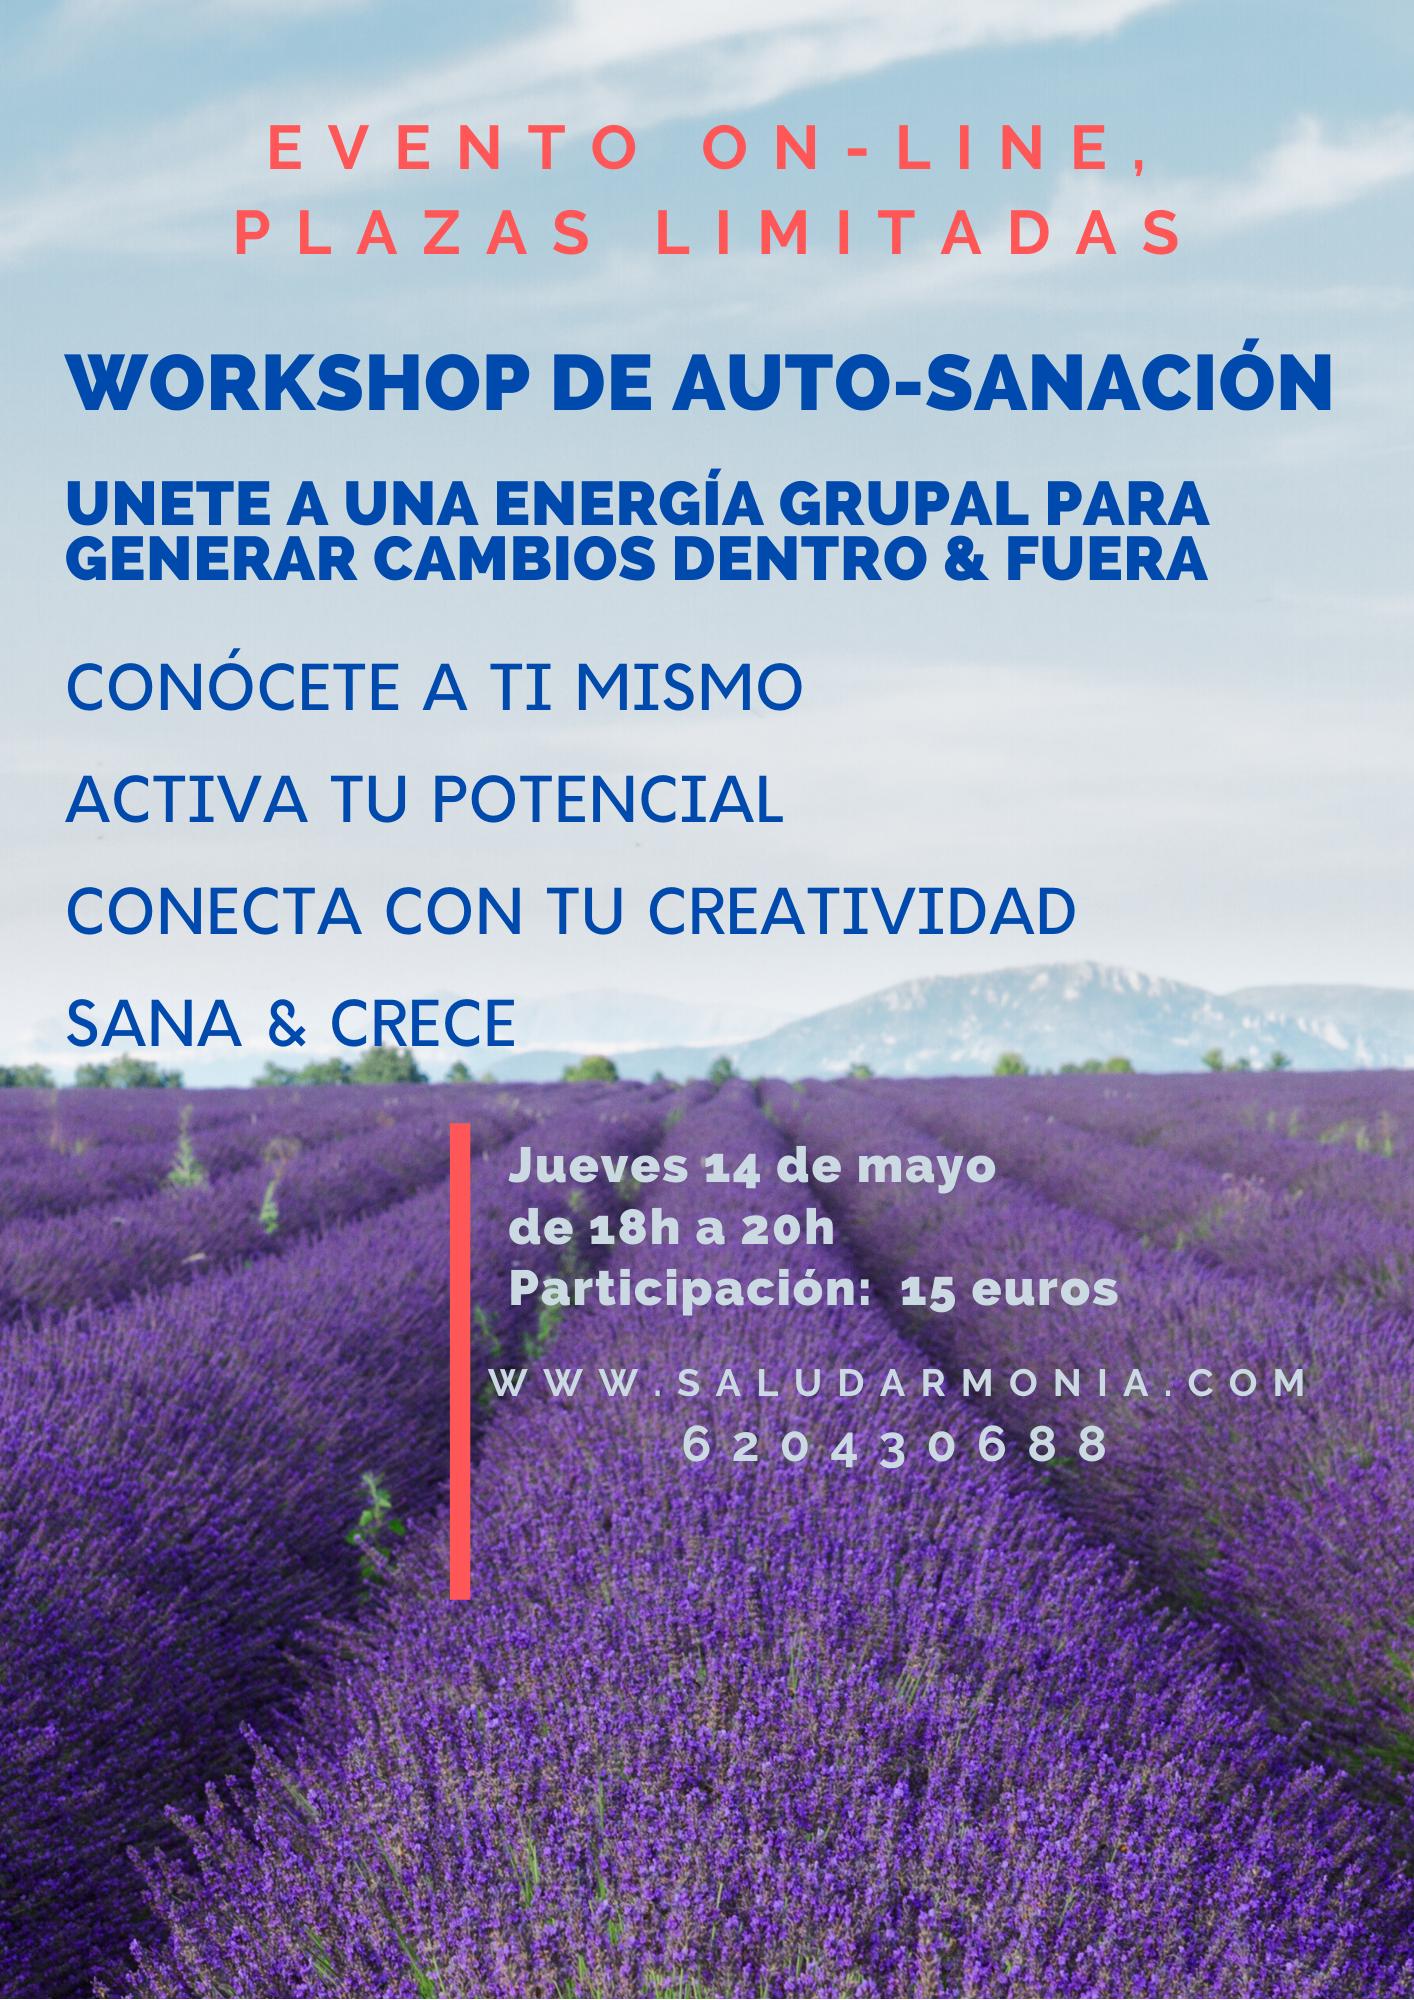 workshop Biodescodificación Estados de consciencia amplificados Consciencia corporal Energía grupal